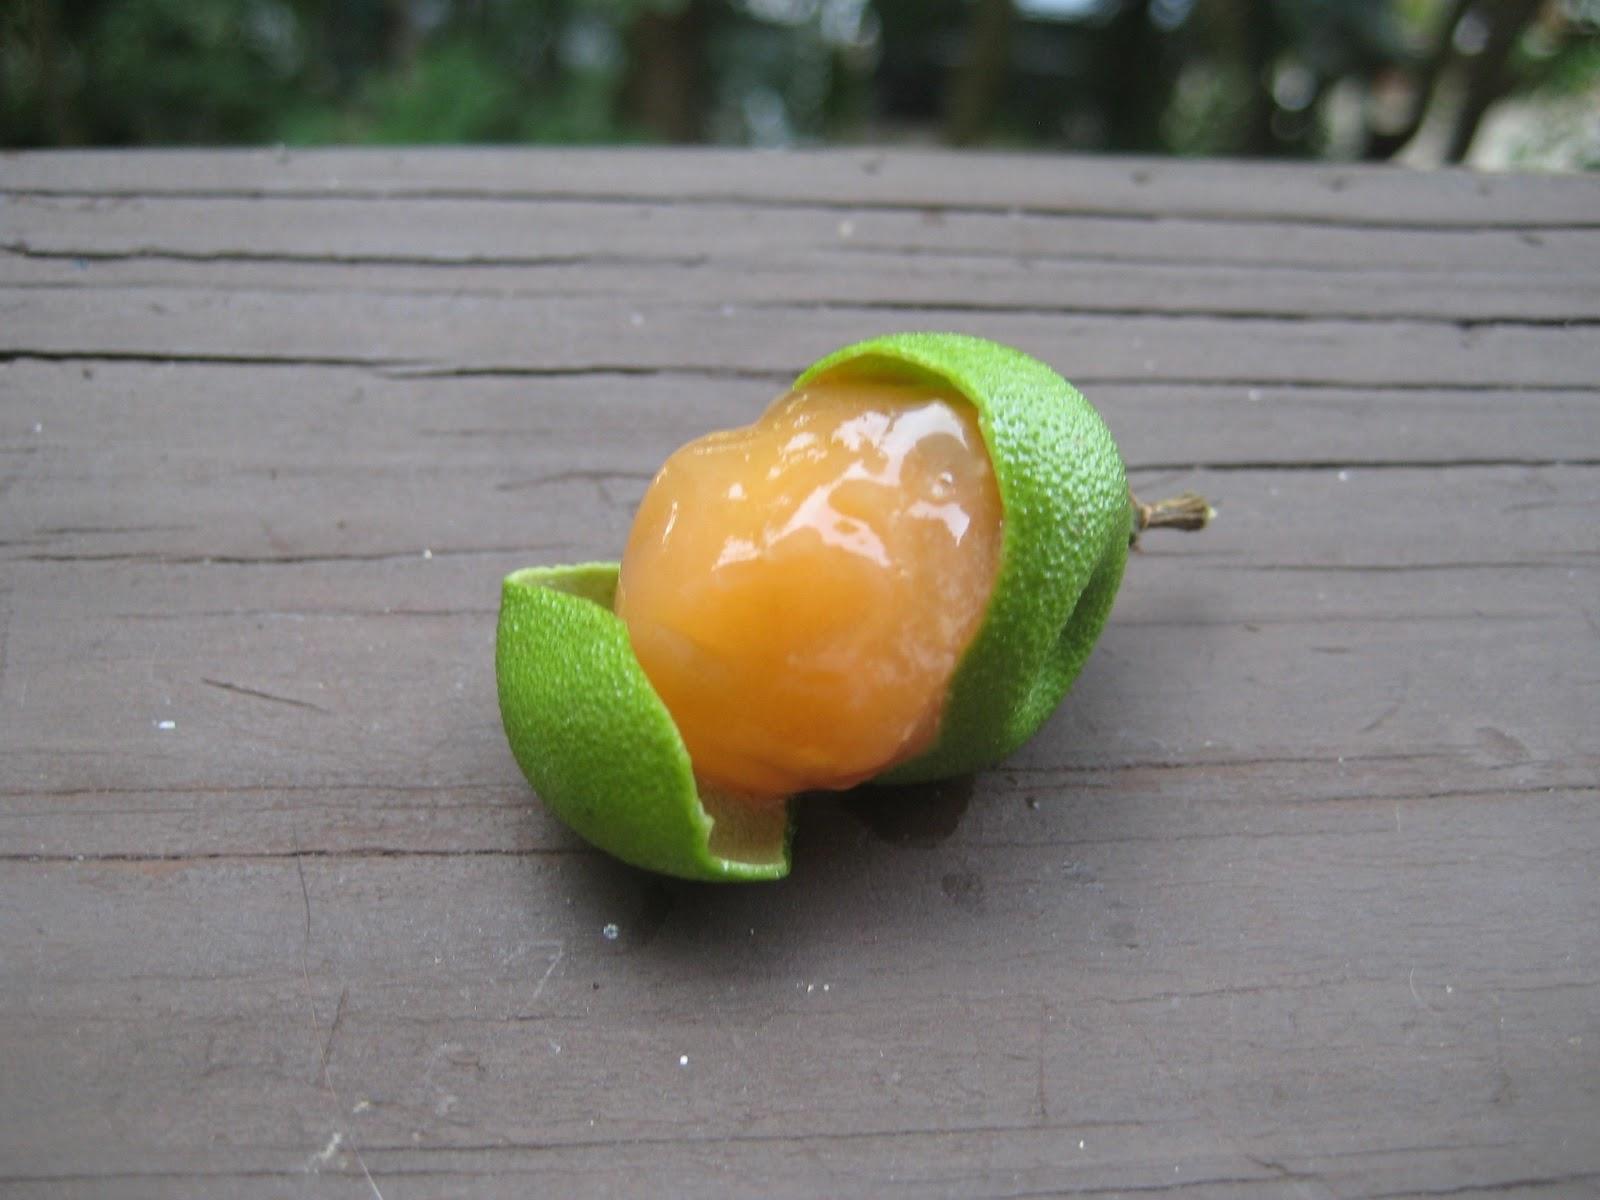 Fruit link 3 - Fruit Link Deluxe